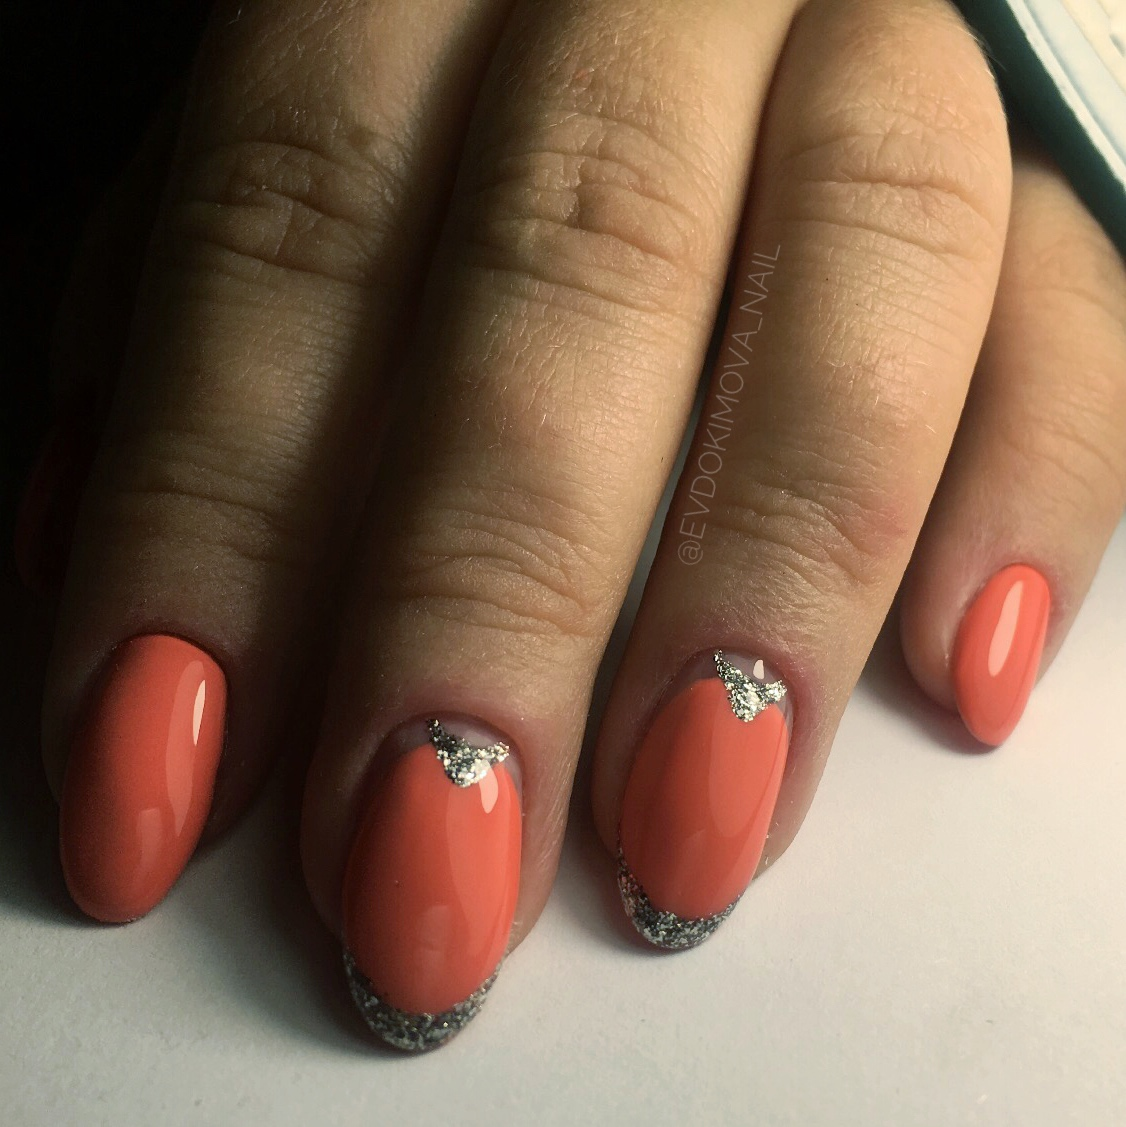 Маникюр с лунным дизайном и серебряными блестками в рыжем цвете.